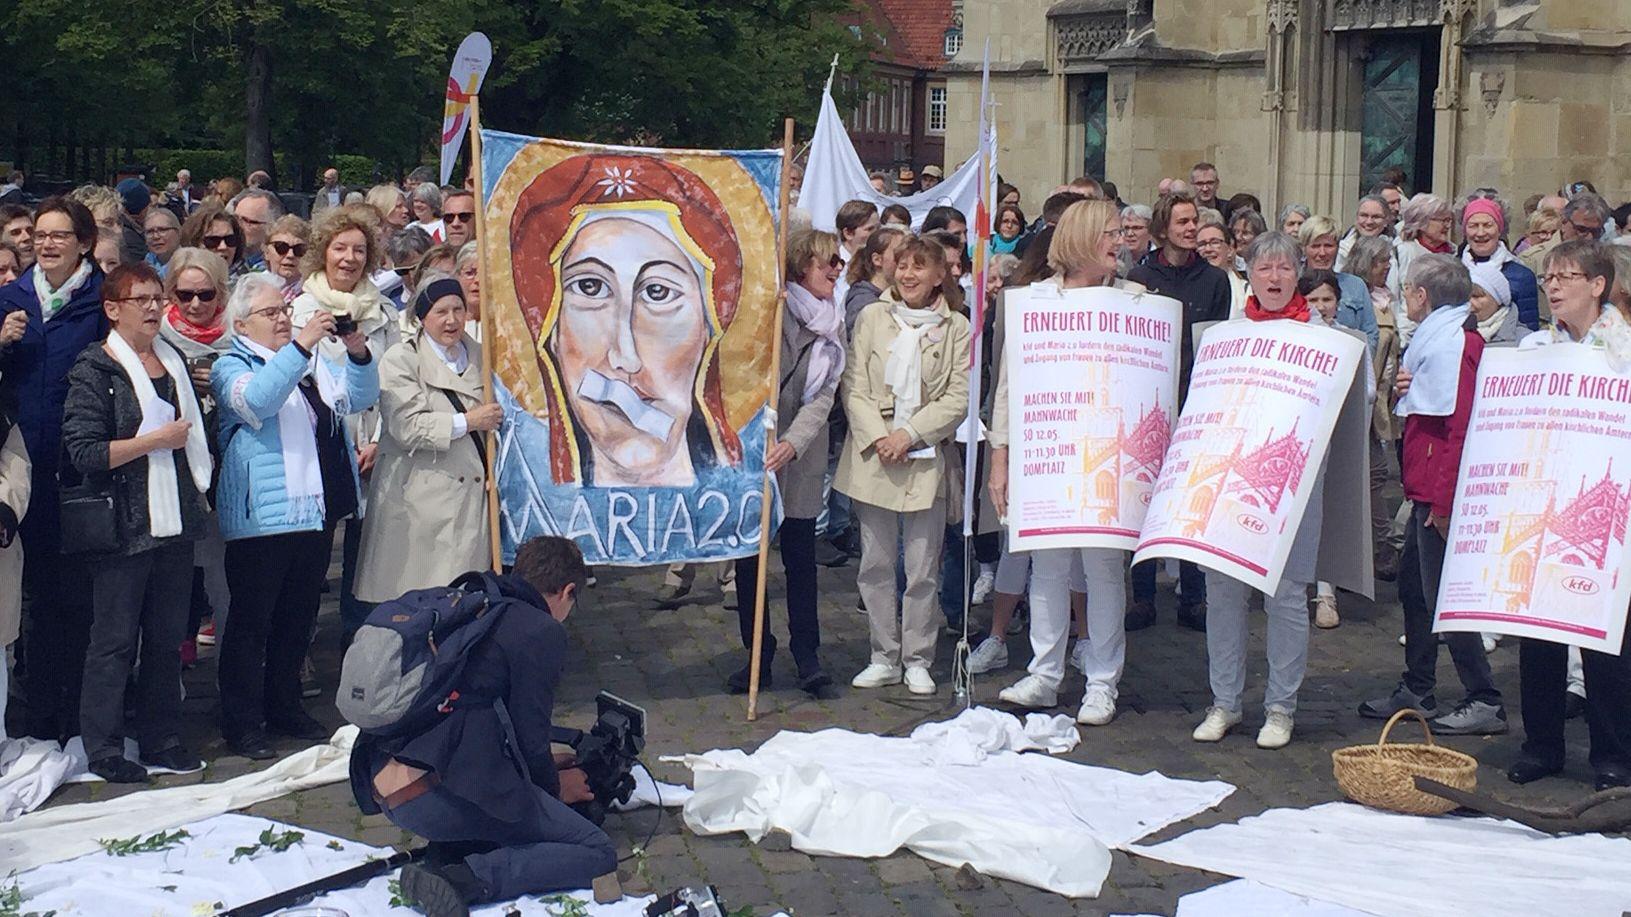 Frauen demonstrieren für mehr Teilhabemöglichkeiten in der katholischen Kirche.